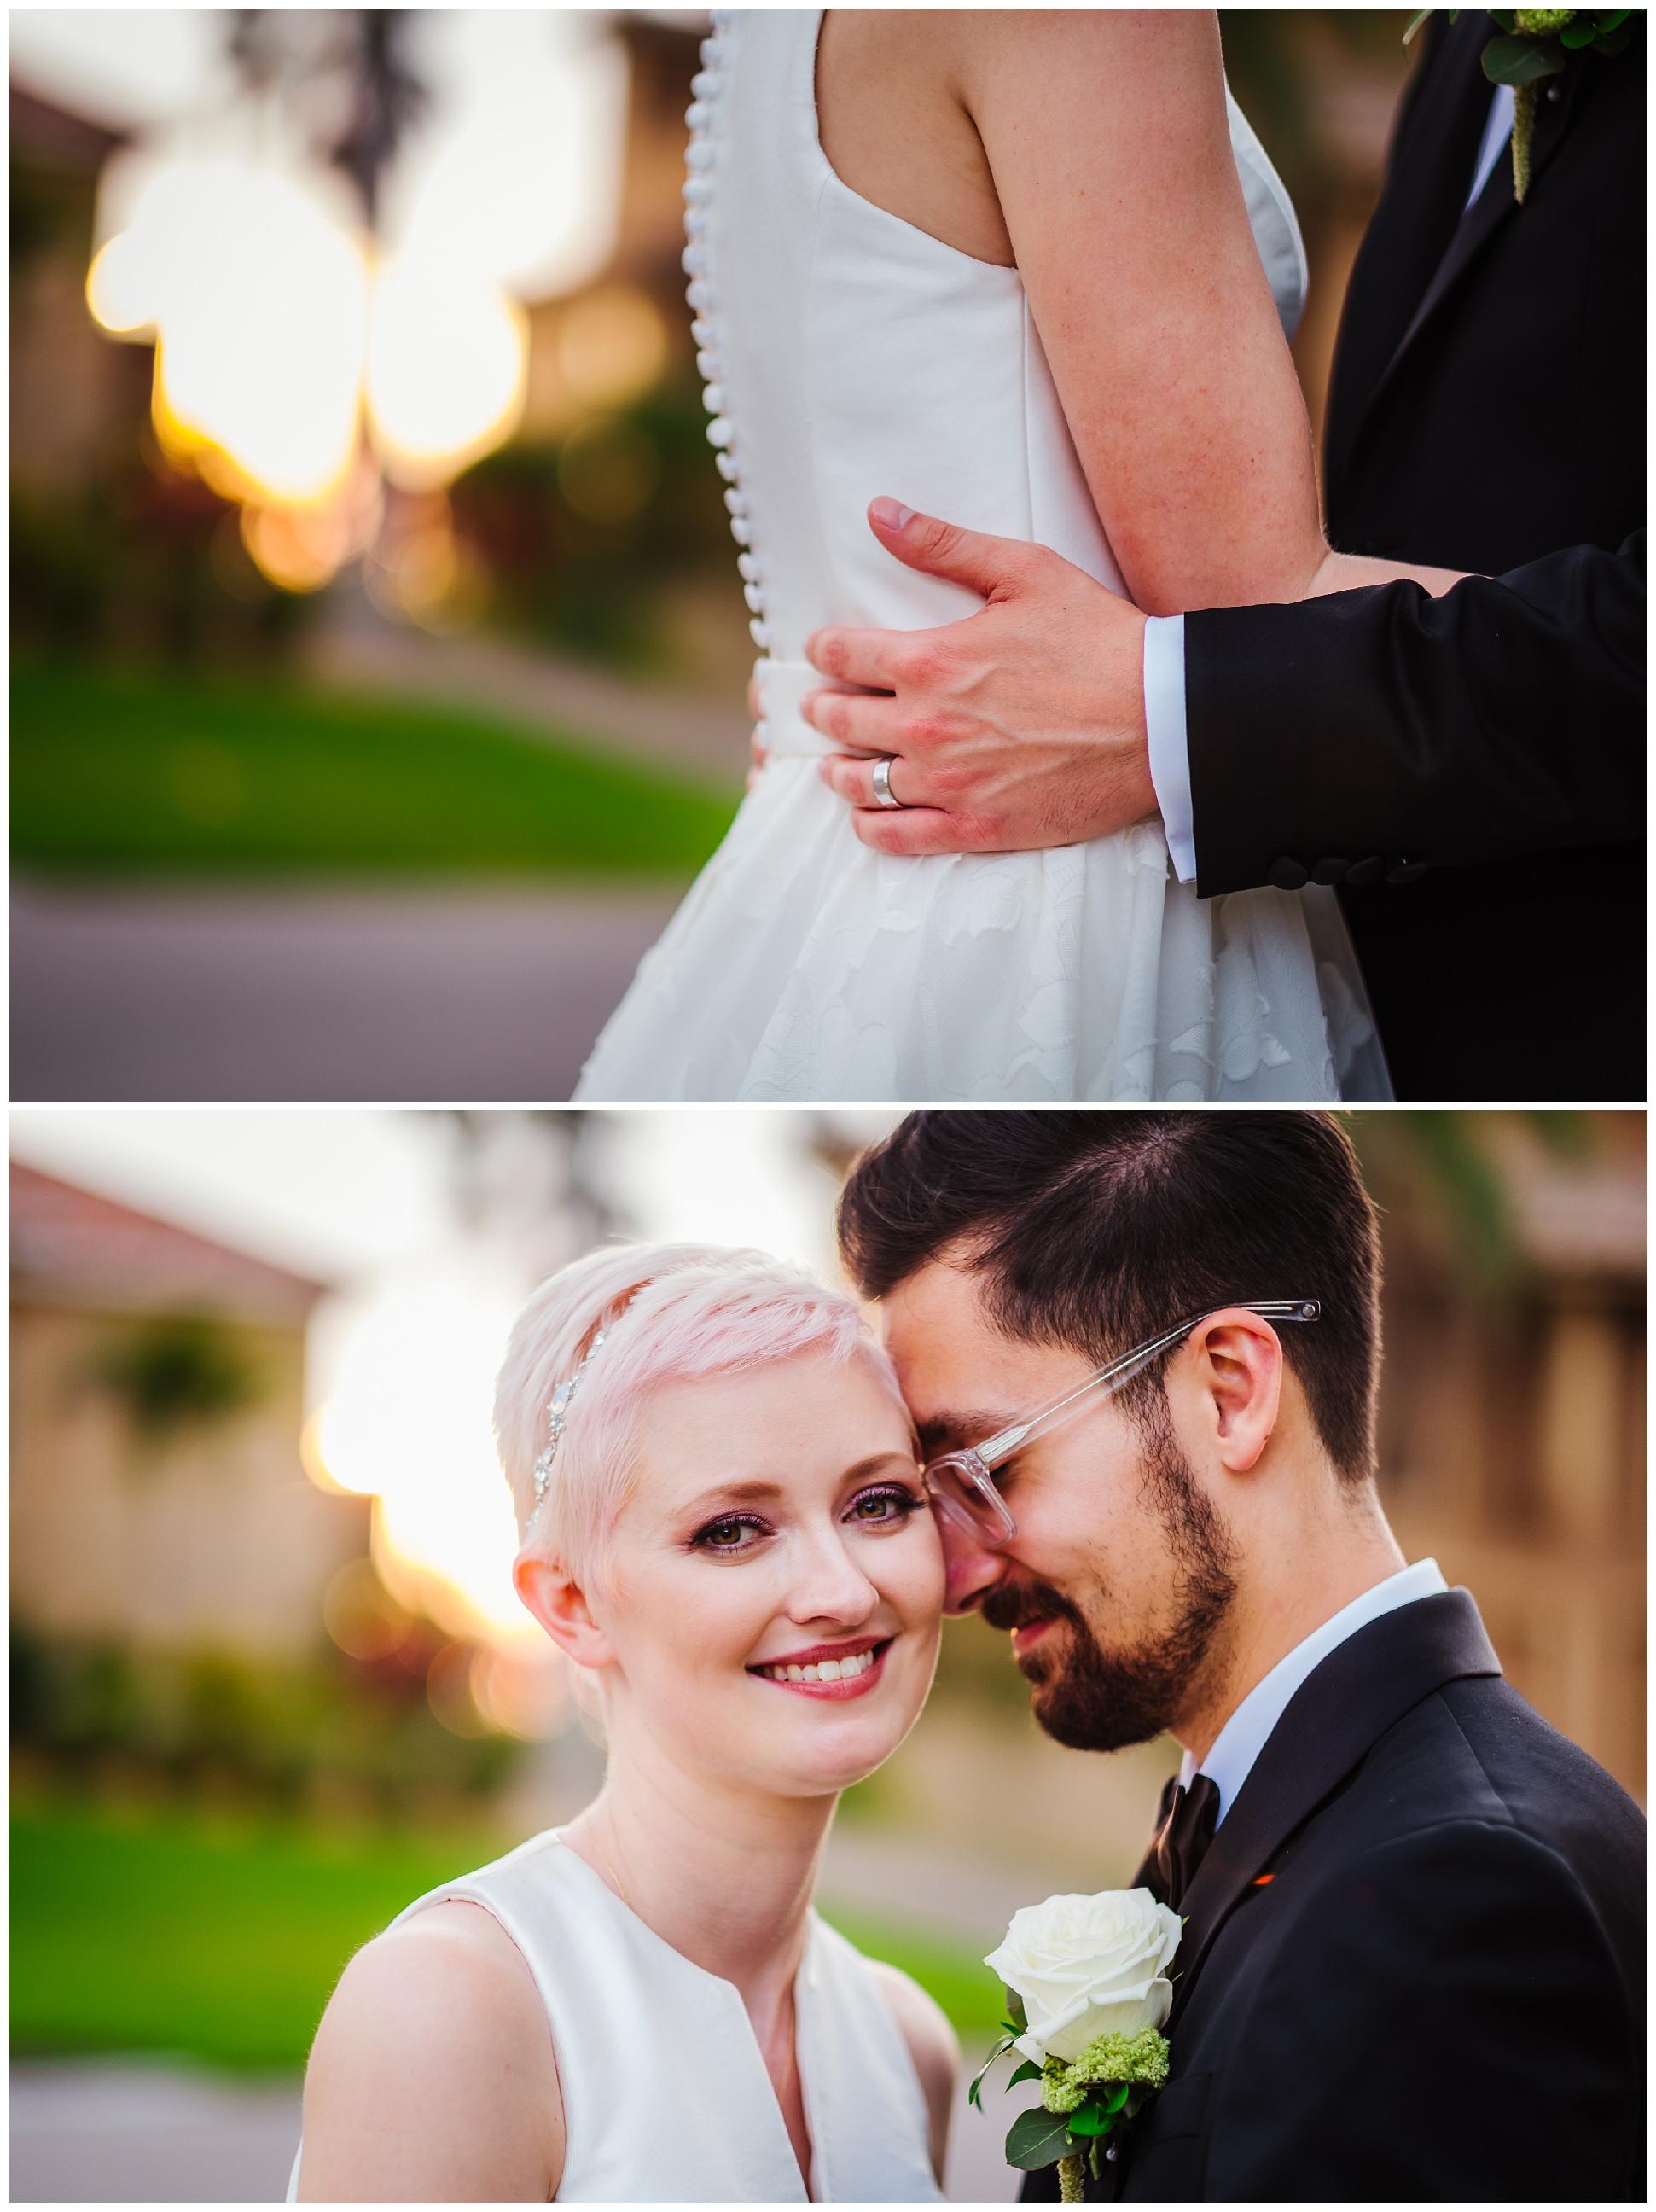 tierra-verde-st-pete-florida-home-luxury-wedding-greenery-pink-pixie-bride_0069.jpg